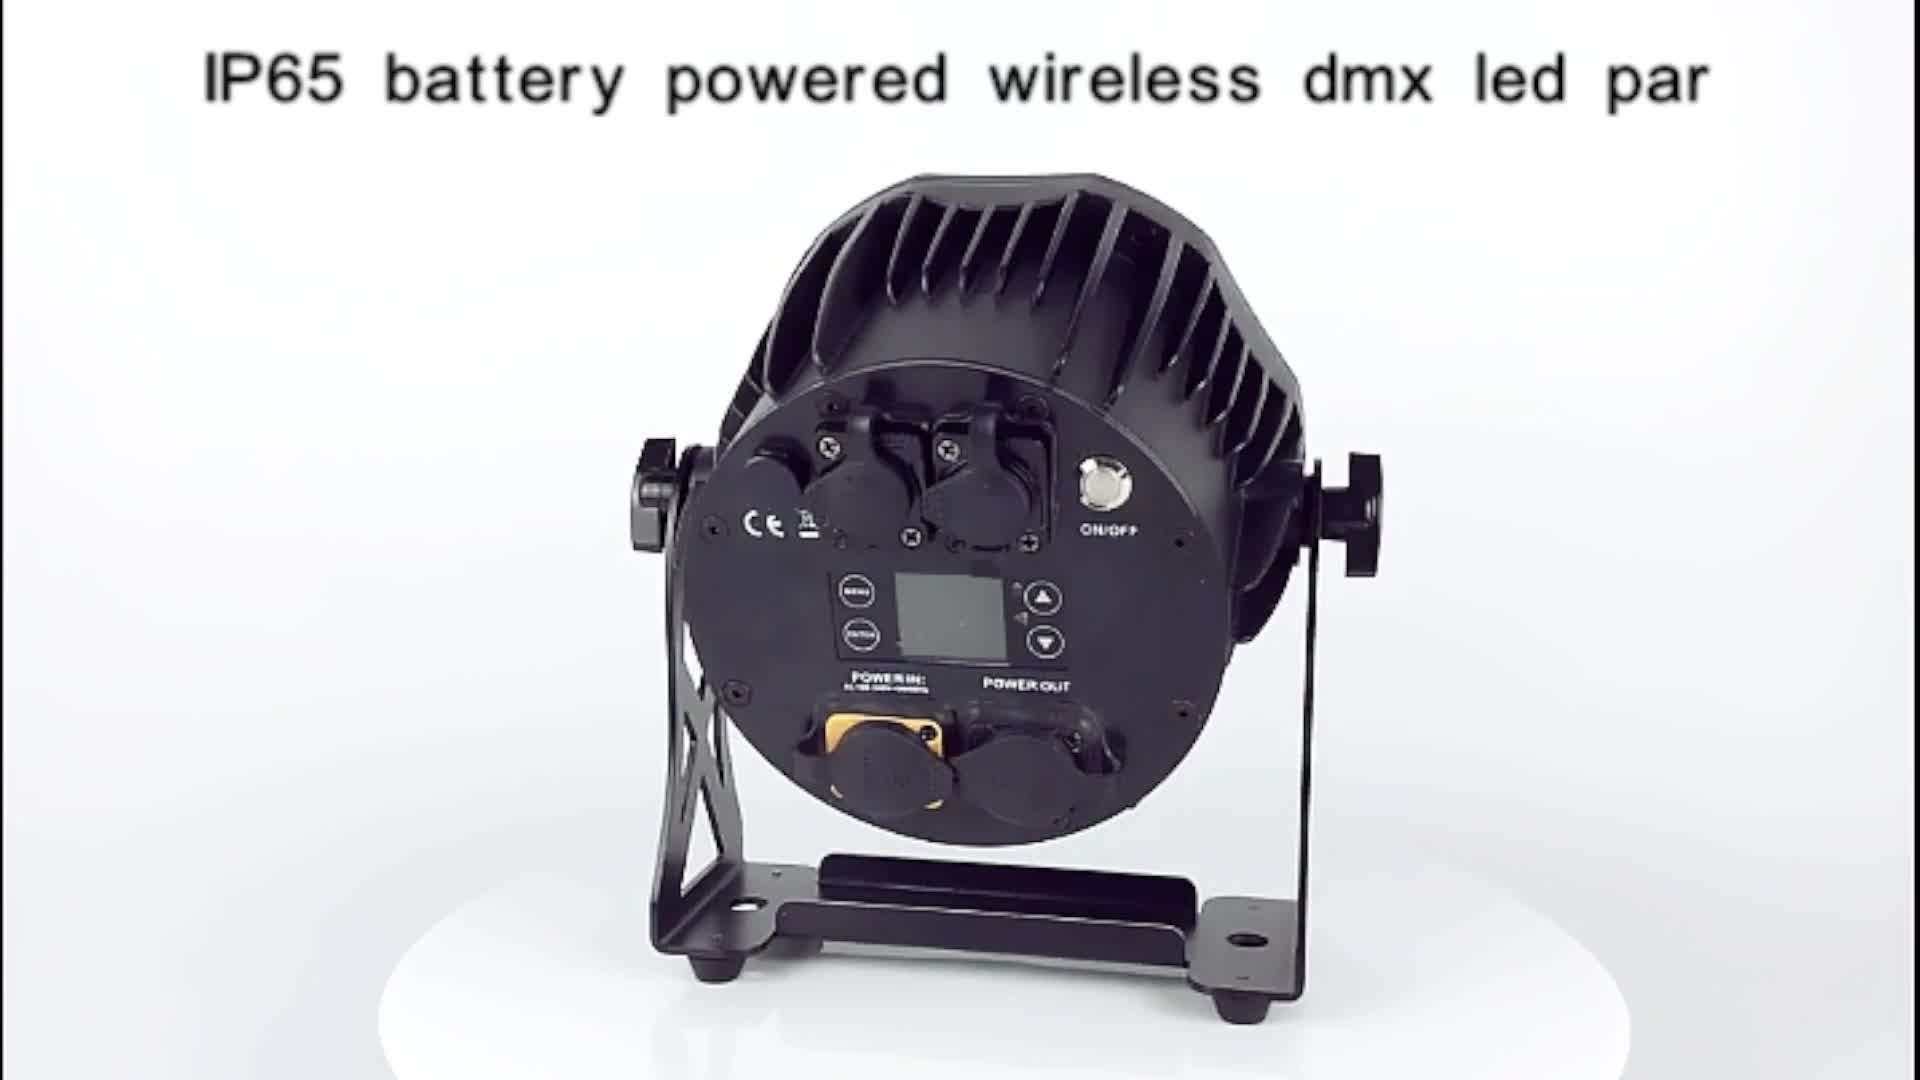 Fase di illuminazione attrezzature 6pars ricaricabile caso di volo con 6pcs 10W IP65 wireless batteria DMX dj par luci led